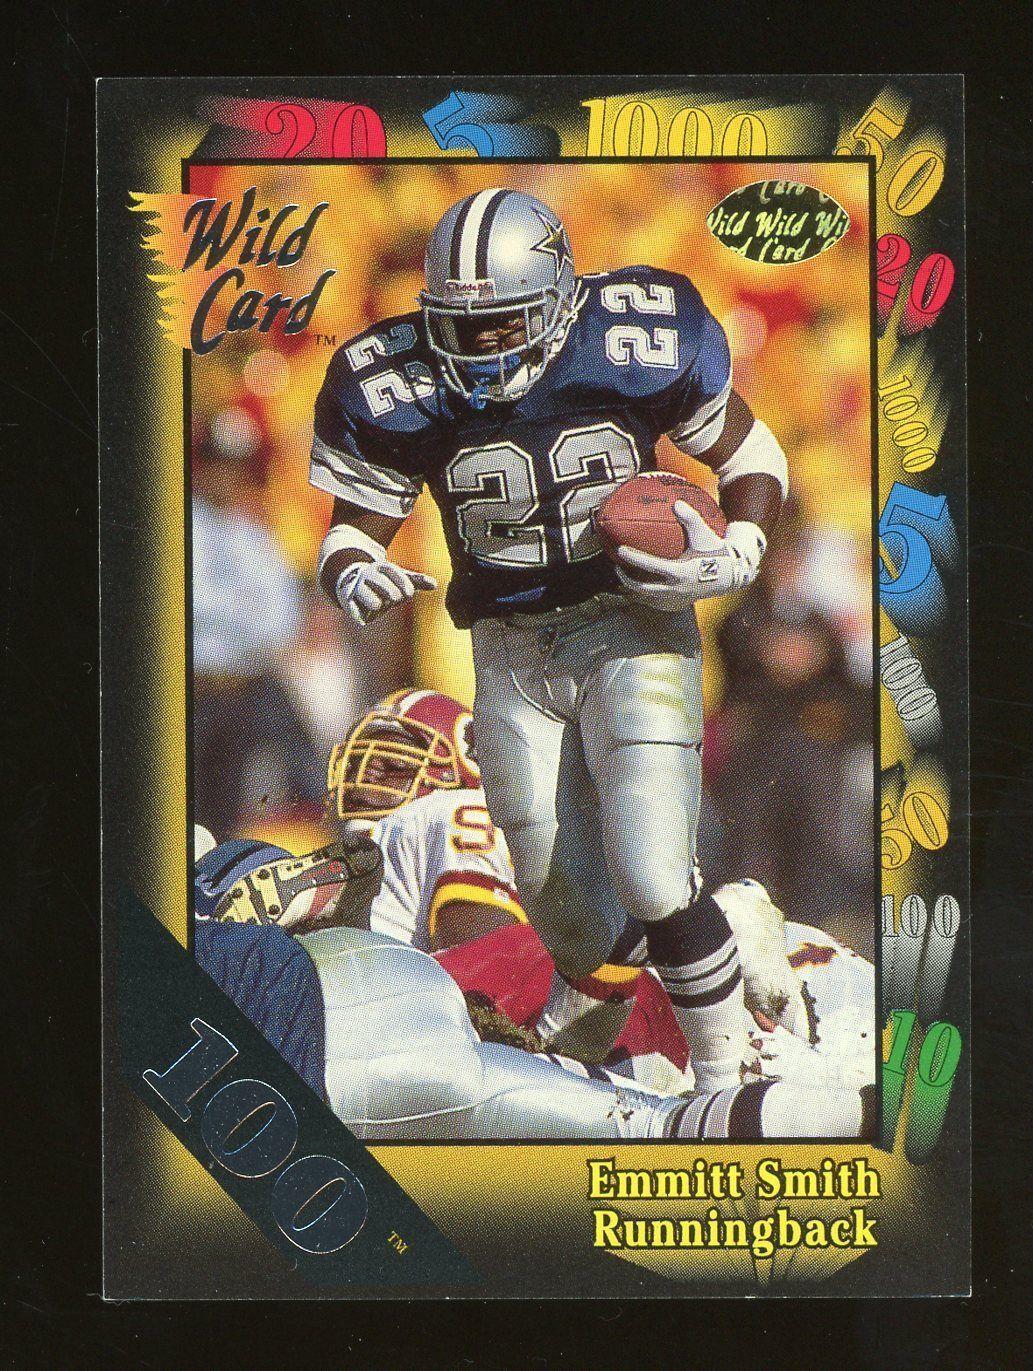 1991 wild card 100 stripe emmitt smith dallas cowboys hof